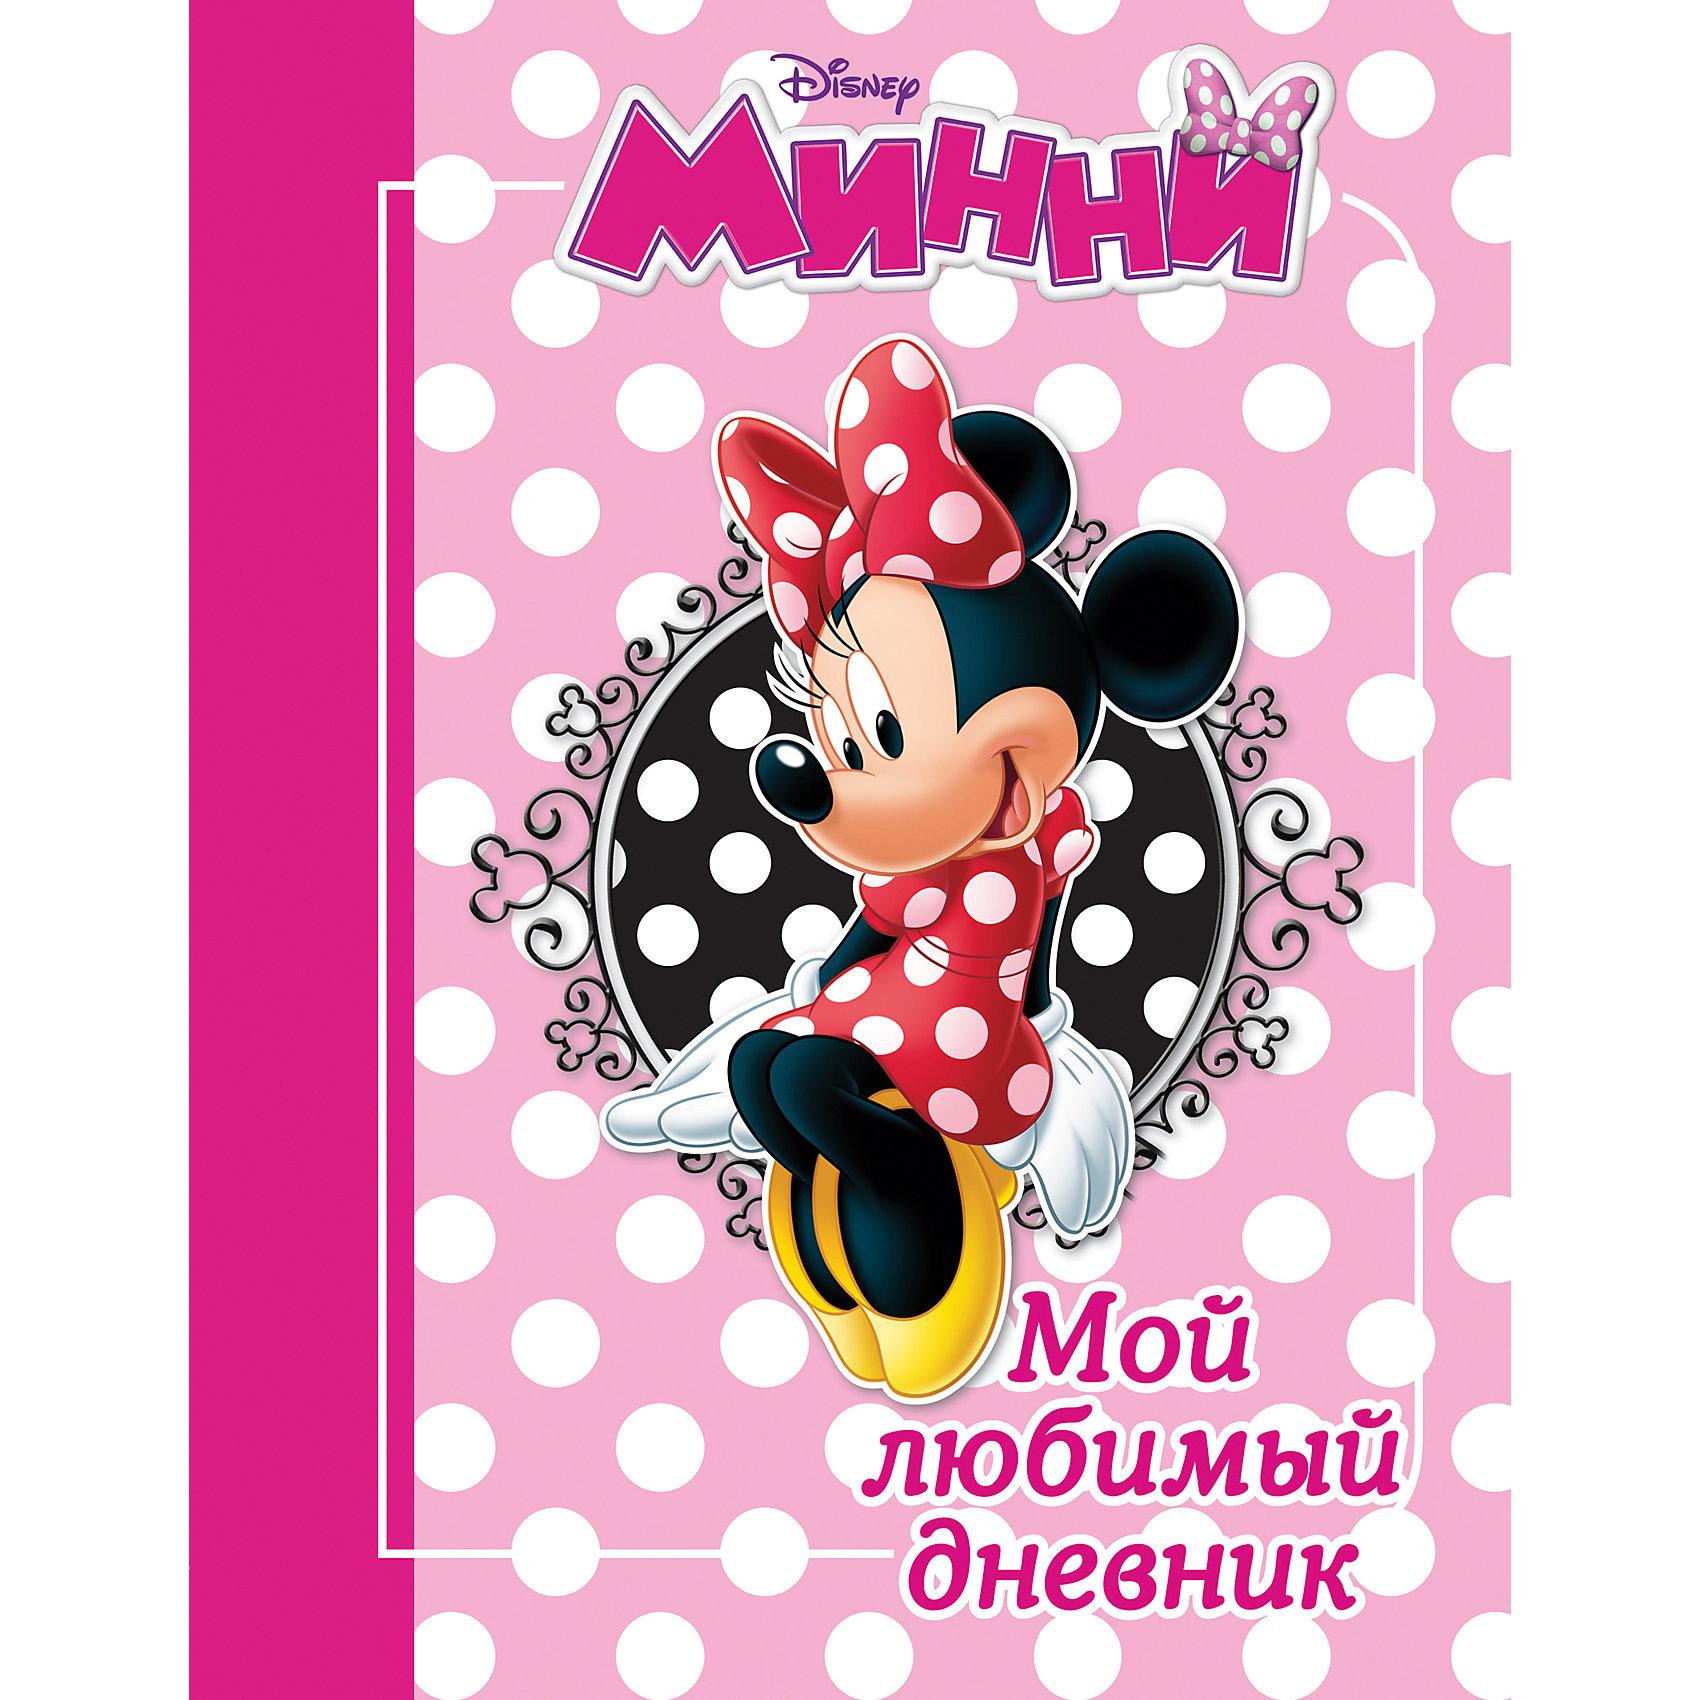 Мой любимый дневник, Минни МаусМой любимый дневник, Минни Маус - это прекрасный подарок для юной поклонницы Минни Маус.<br>Минни и Дейзи - лучшие подруги. И этот дневник тоже для тебя и твоей подруги. Делитесь секретами, заполняйте вместе анкеты, играйте на страницах дневника в модную игру, придуманную специально для вас Минни. А еще вас ждут стильные советы, рекомендации, как устроить праздник, и даже рецепт супервкусного торта! Проверено Минни! Для среднего школьного возраста.<br><br>Дополнительная информация:<br><br>- Переводчик: Золоева Лариса Владимировна<br>- Издательство: Эксмо, 2015 г.<br>- Серия: Disney. Мой волшебный дневник<br>- Тип обложки: 7Б - твердая (плотная бумага или картон)<br>- Оформление: частичная лакировка<br>- Иллюстрации: цветные<br>- Количество страниц: 64 (офсет)<br>- Размер: 215x170x13 мм.<br>- Вес: 318 гр.<br><br>Мой любимый дневник, Минни Маус можно купить в нашем интернет-магазине.<br><br>Ширина мм: 215<br>Глубина мм: 170<br>Высота мм: 13<br>Вес г: 316<br>Возраст от месяцев: 72<br>Возраст до месяцев: 144<br>Пол: Женский<br>Возраст: Детский<br>SKU: 4355906